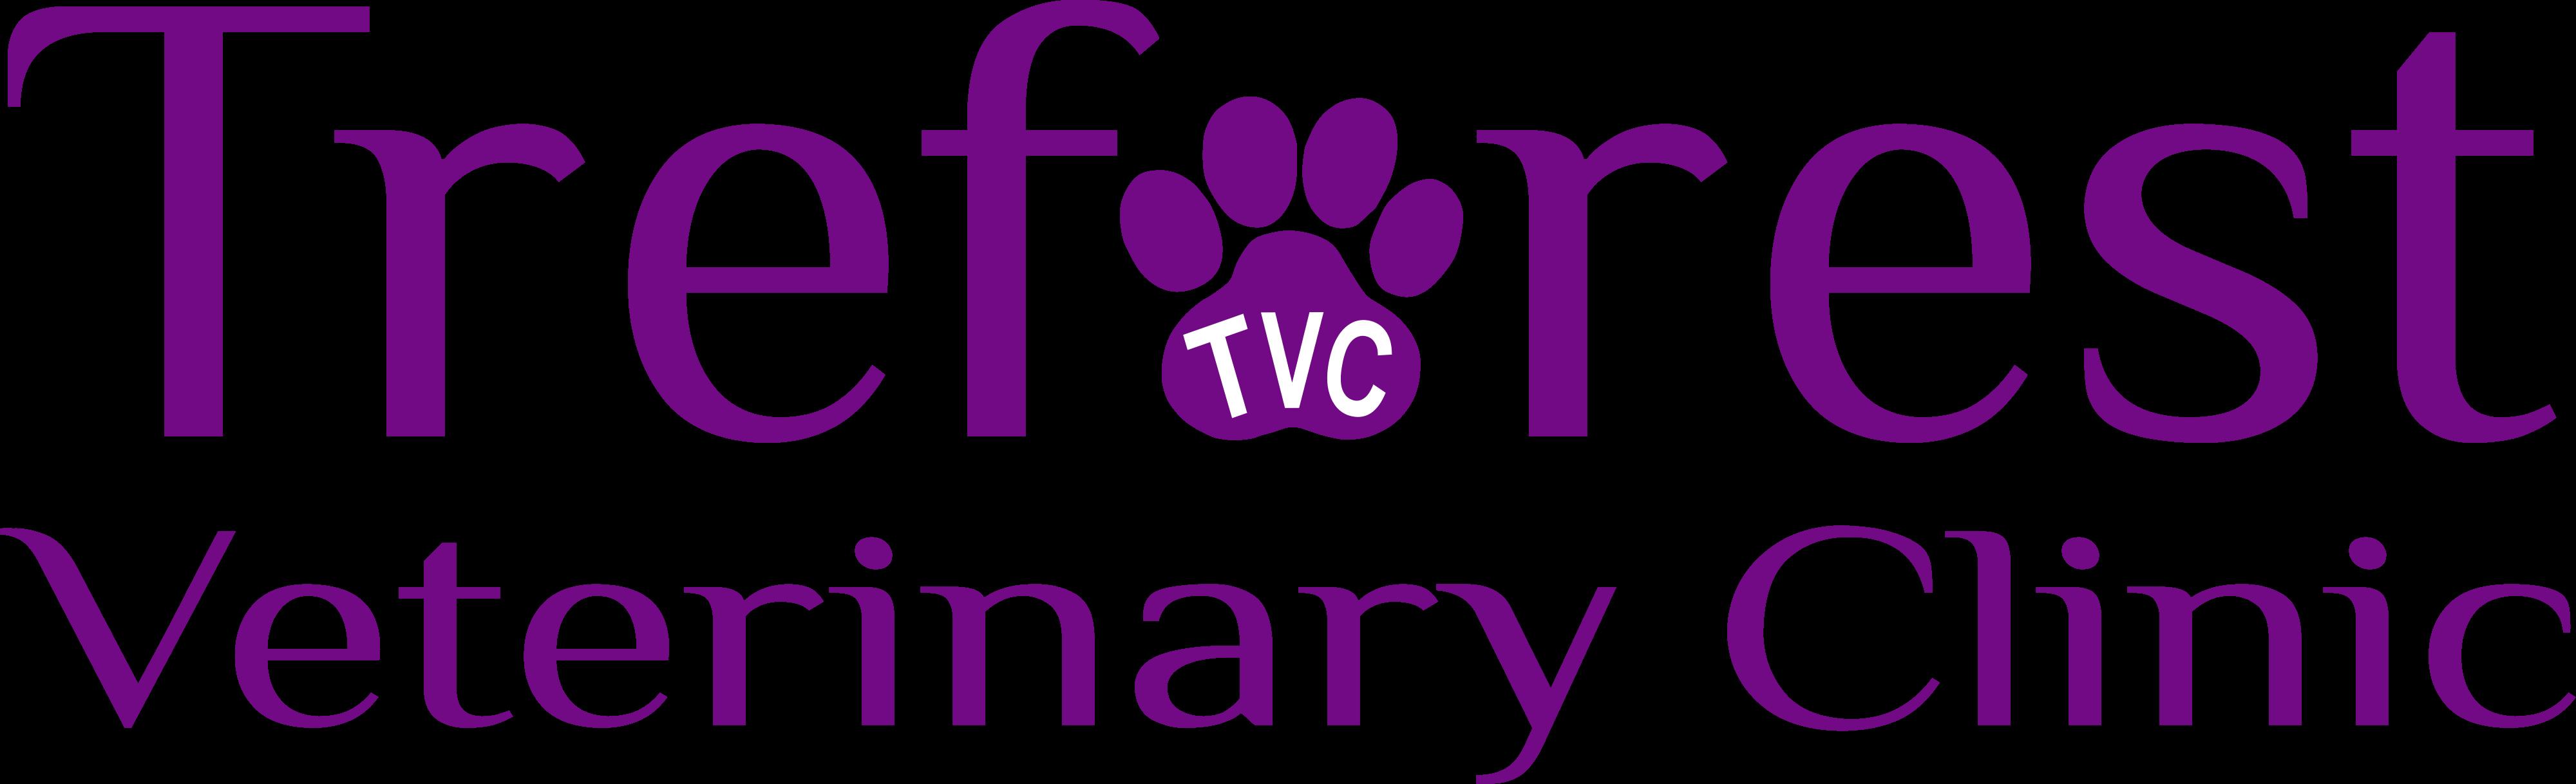 Treforest Veterinary Clinic logo